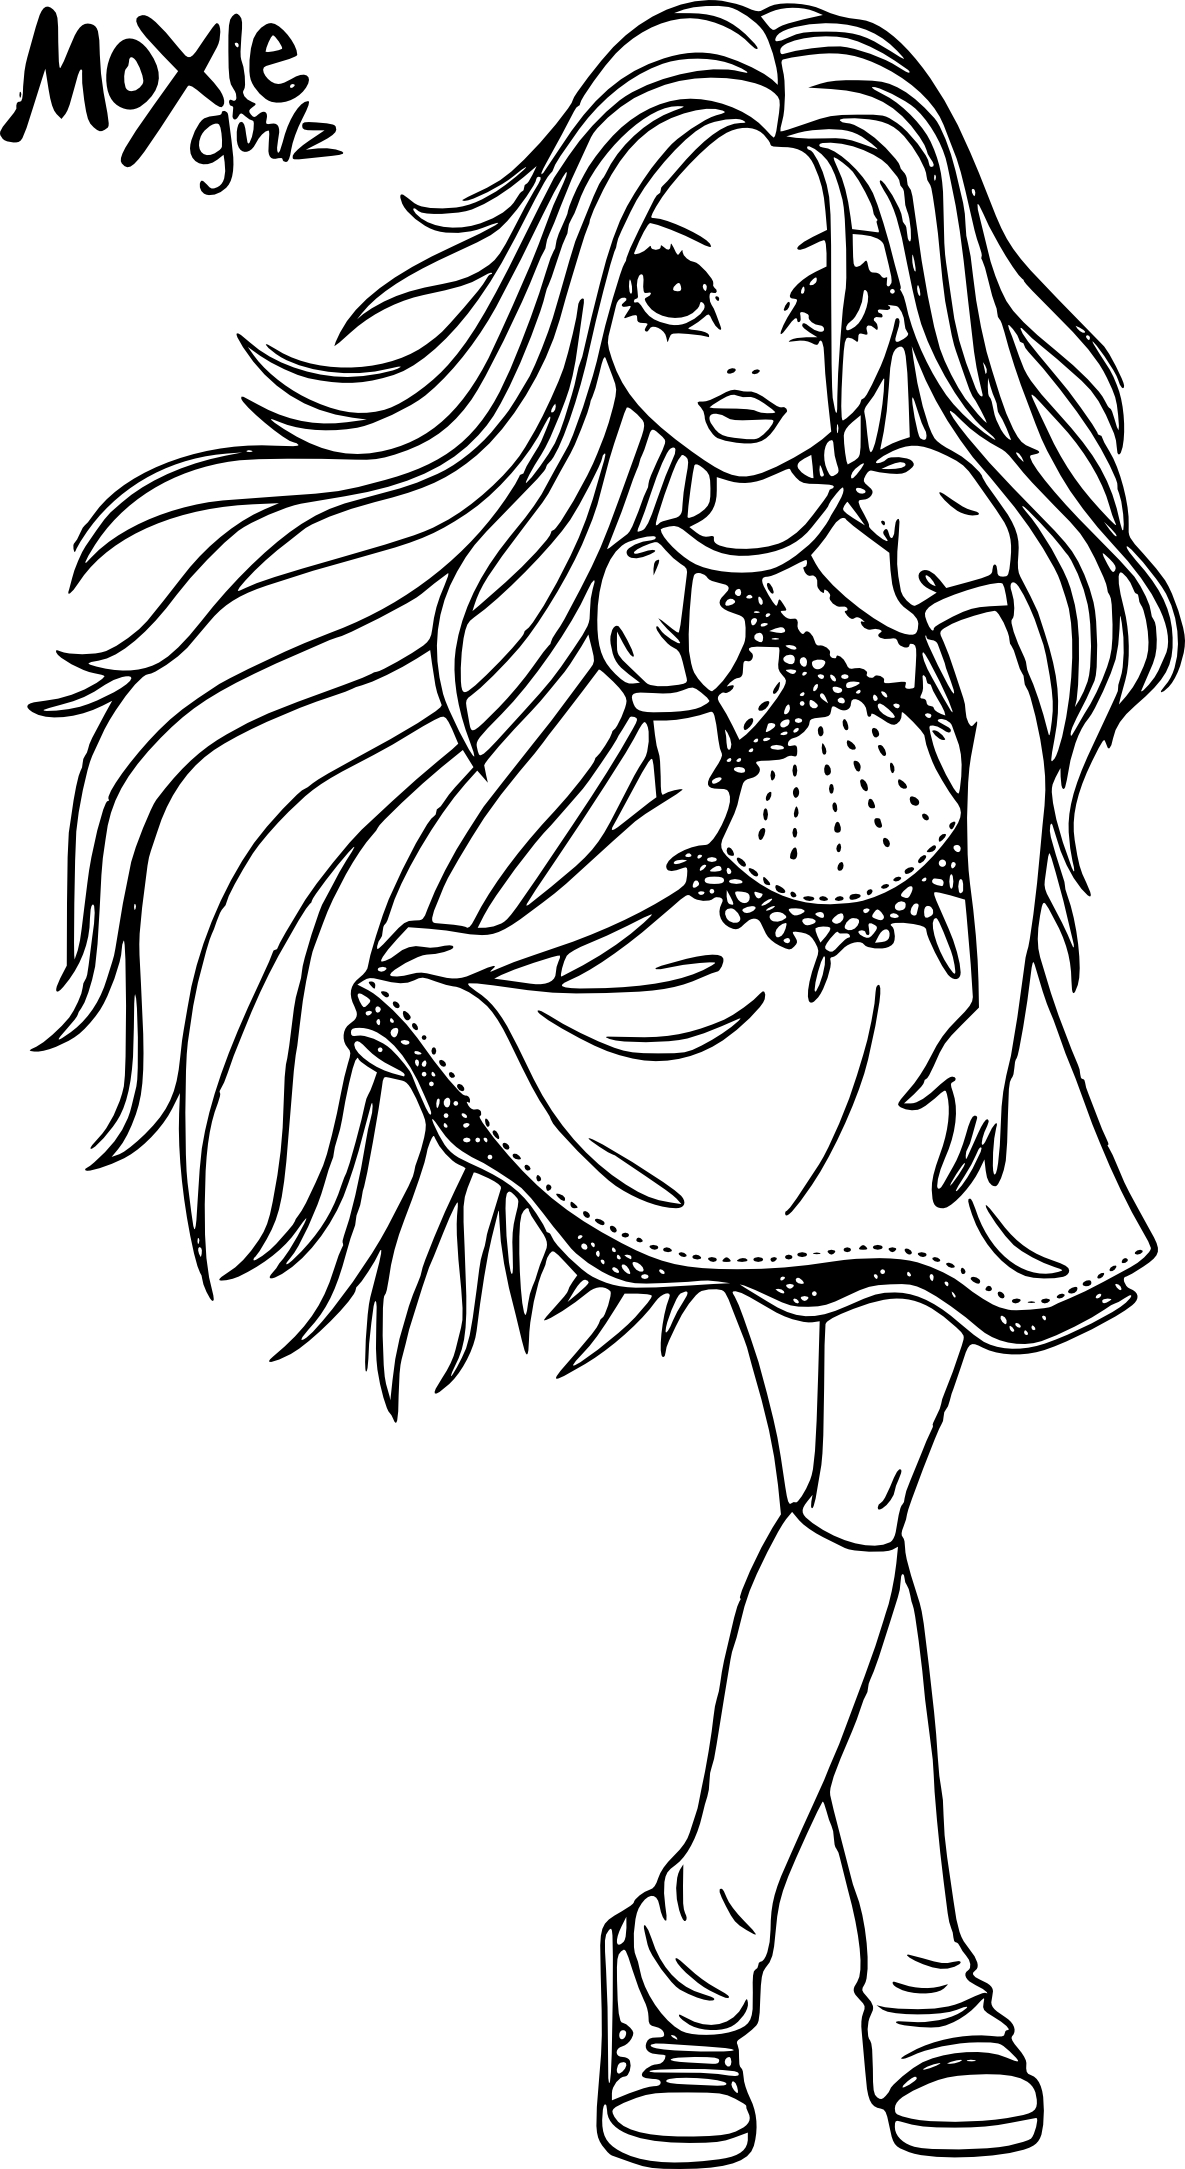 Moxie Girlz dessin